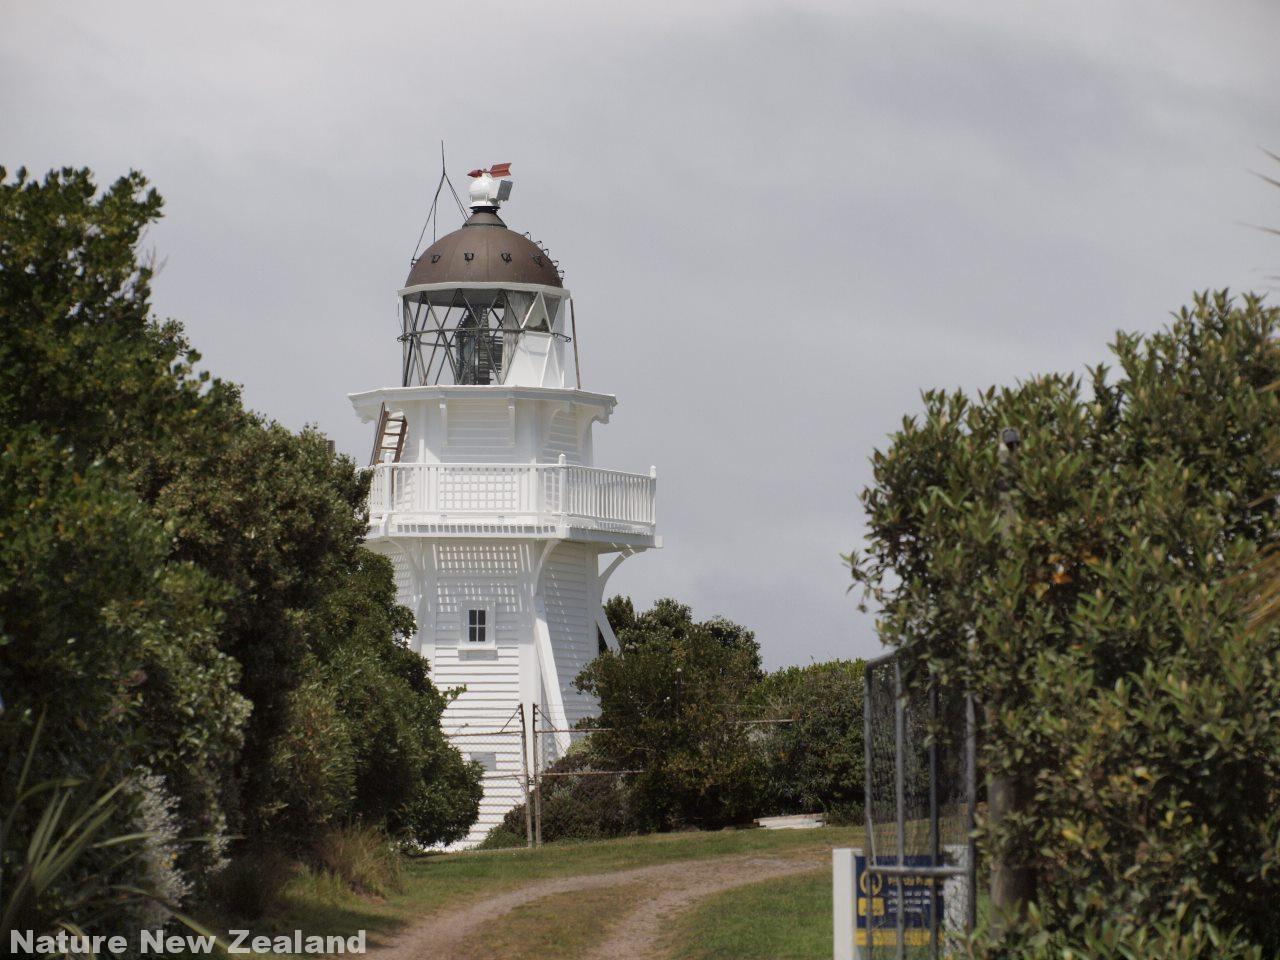 kaitiki point の灯台。この先にイエローアイドペンギンがいる。